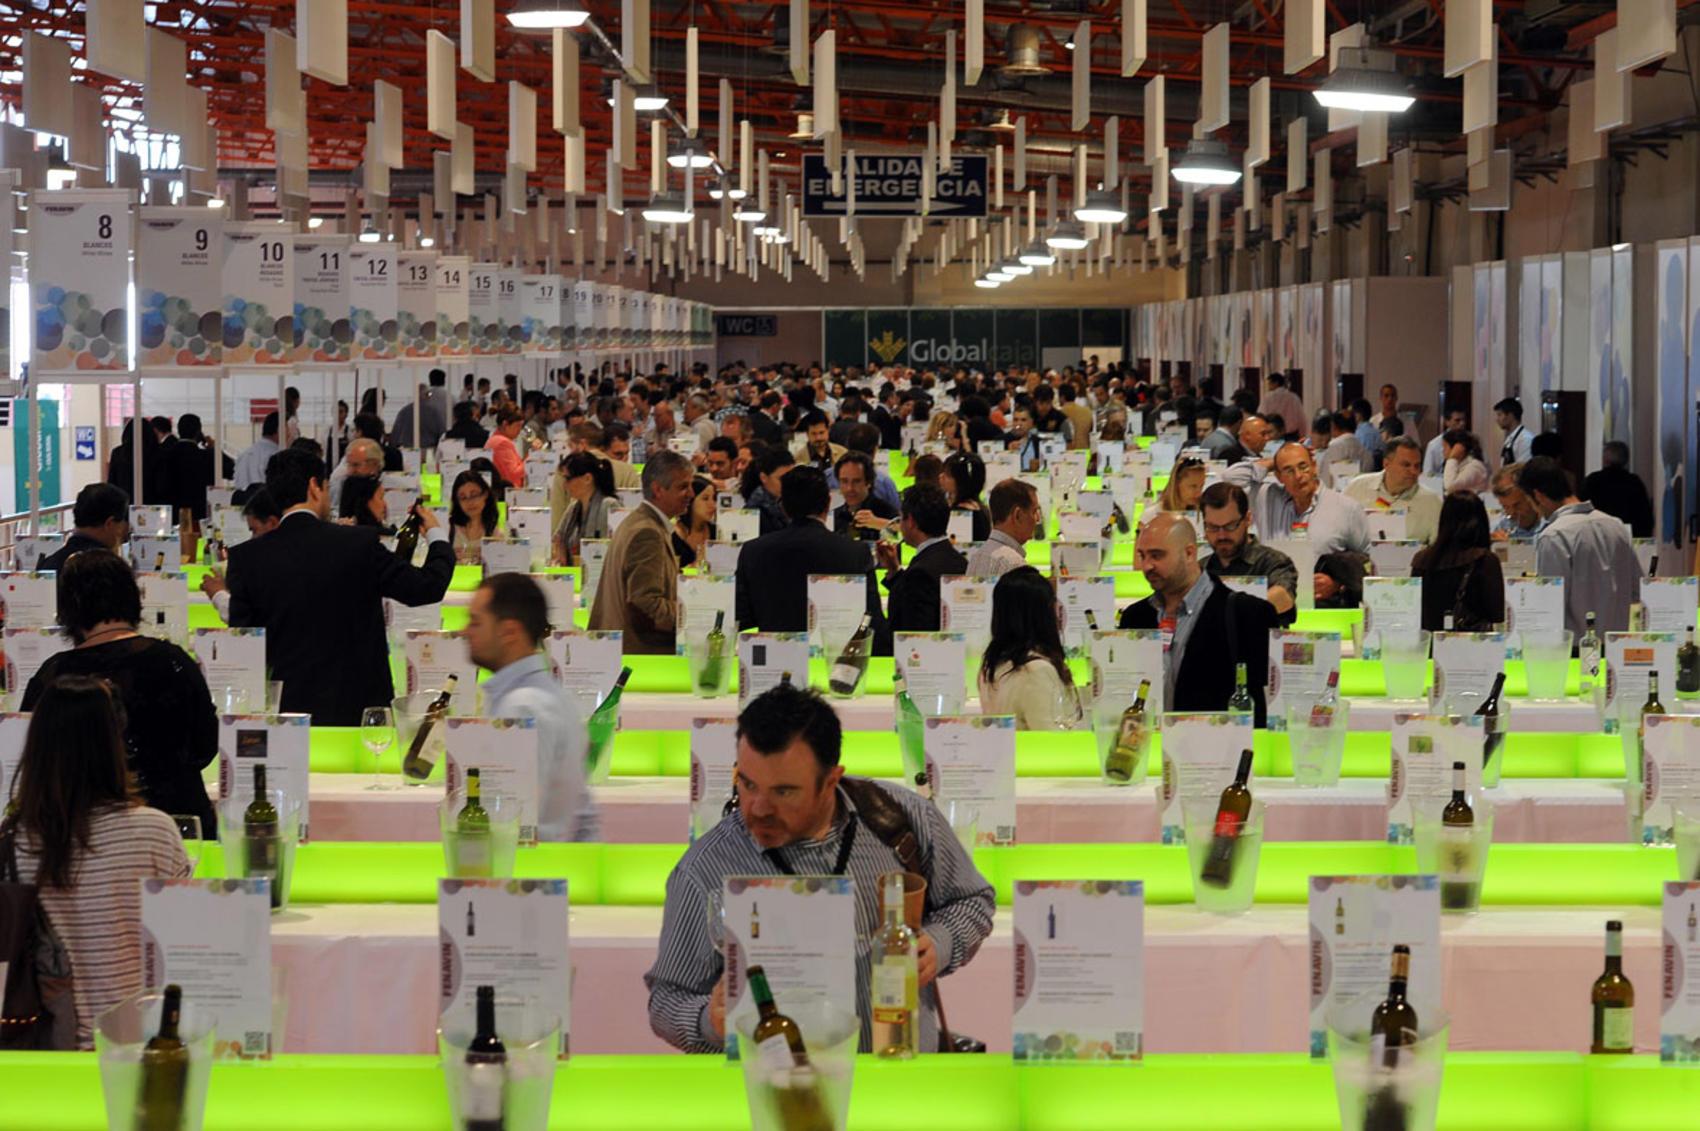 La galería del vino de FENAVIN CONTACT 2016 tendrá 800 referencias de todas las regiones, variedades y D.O. de España